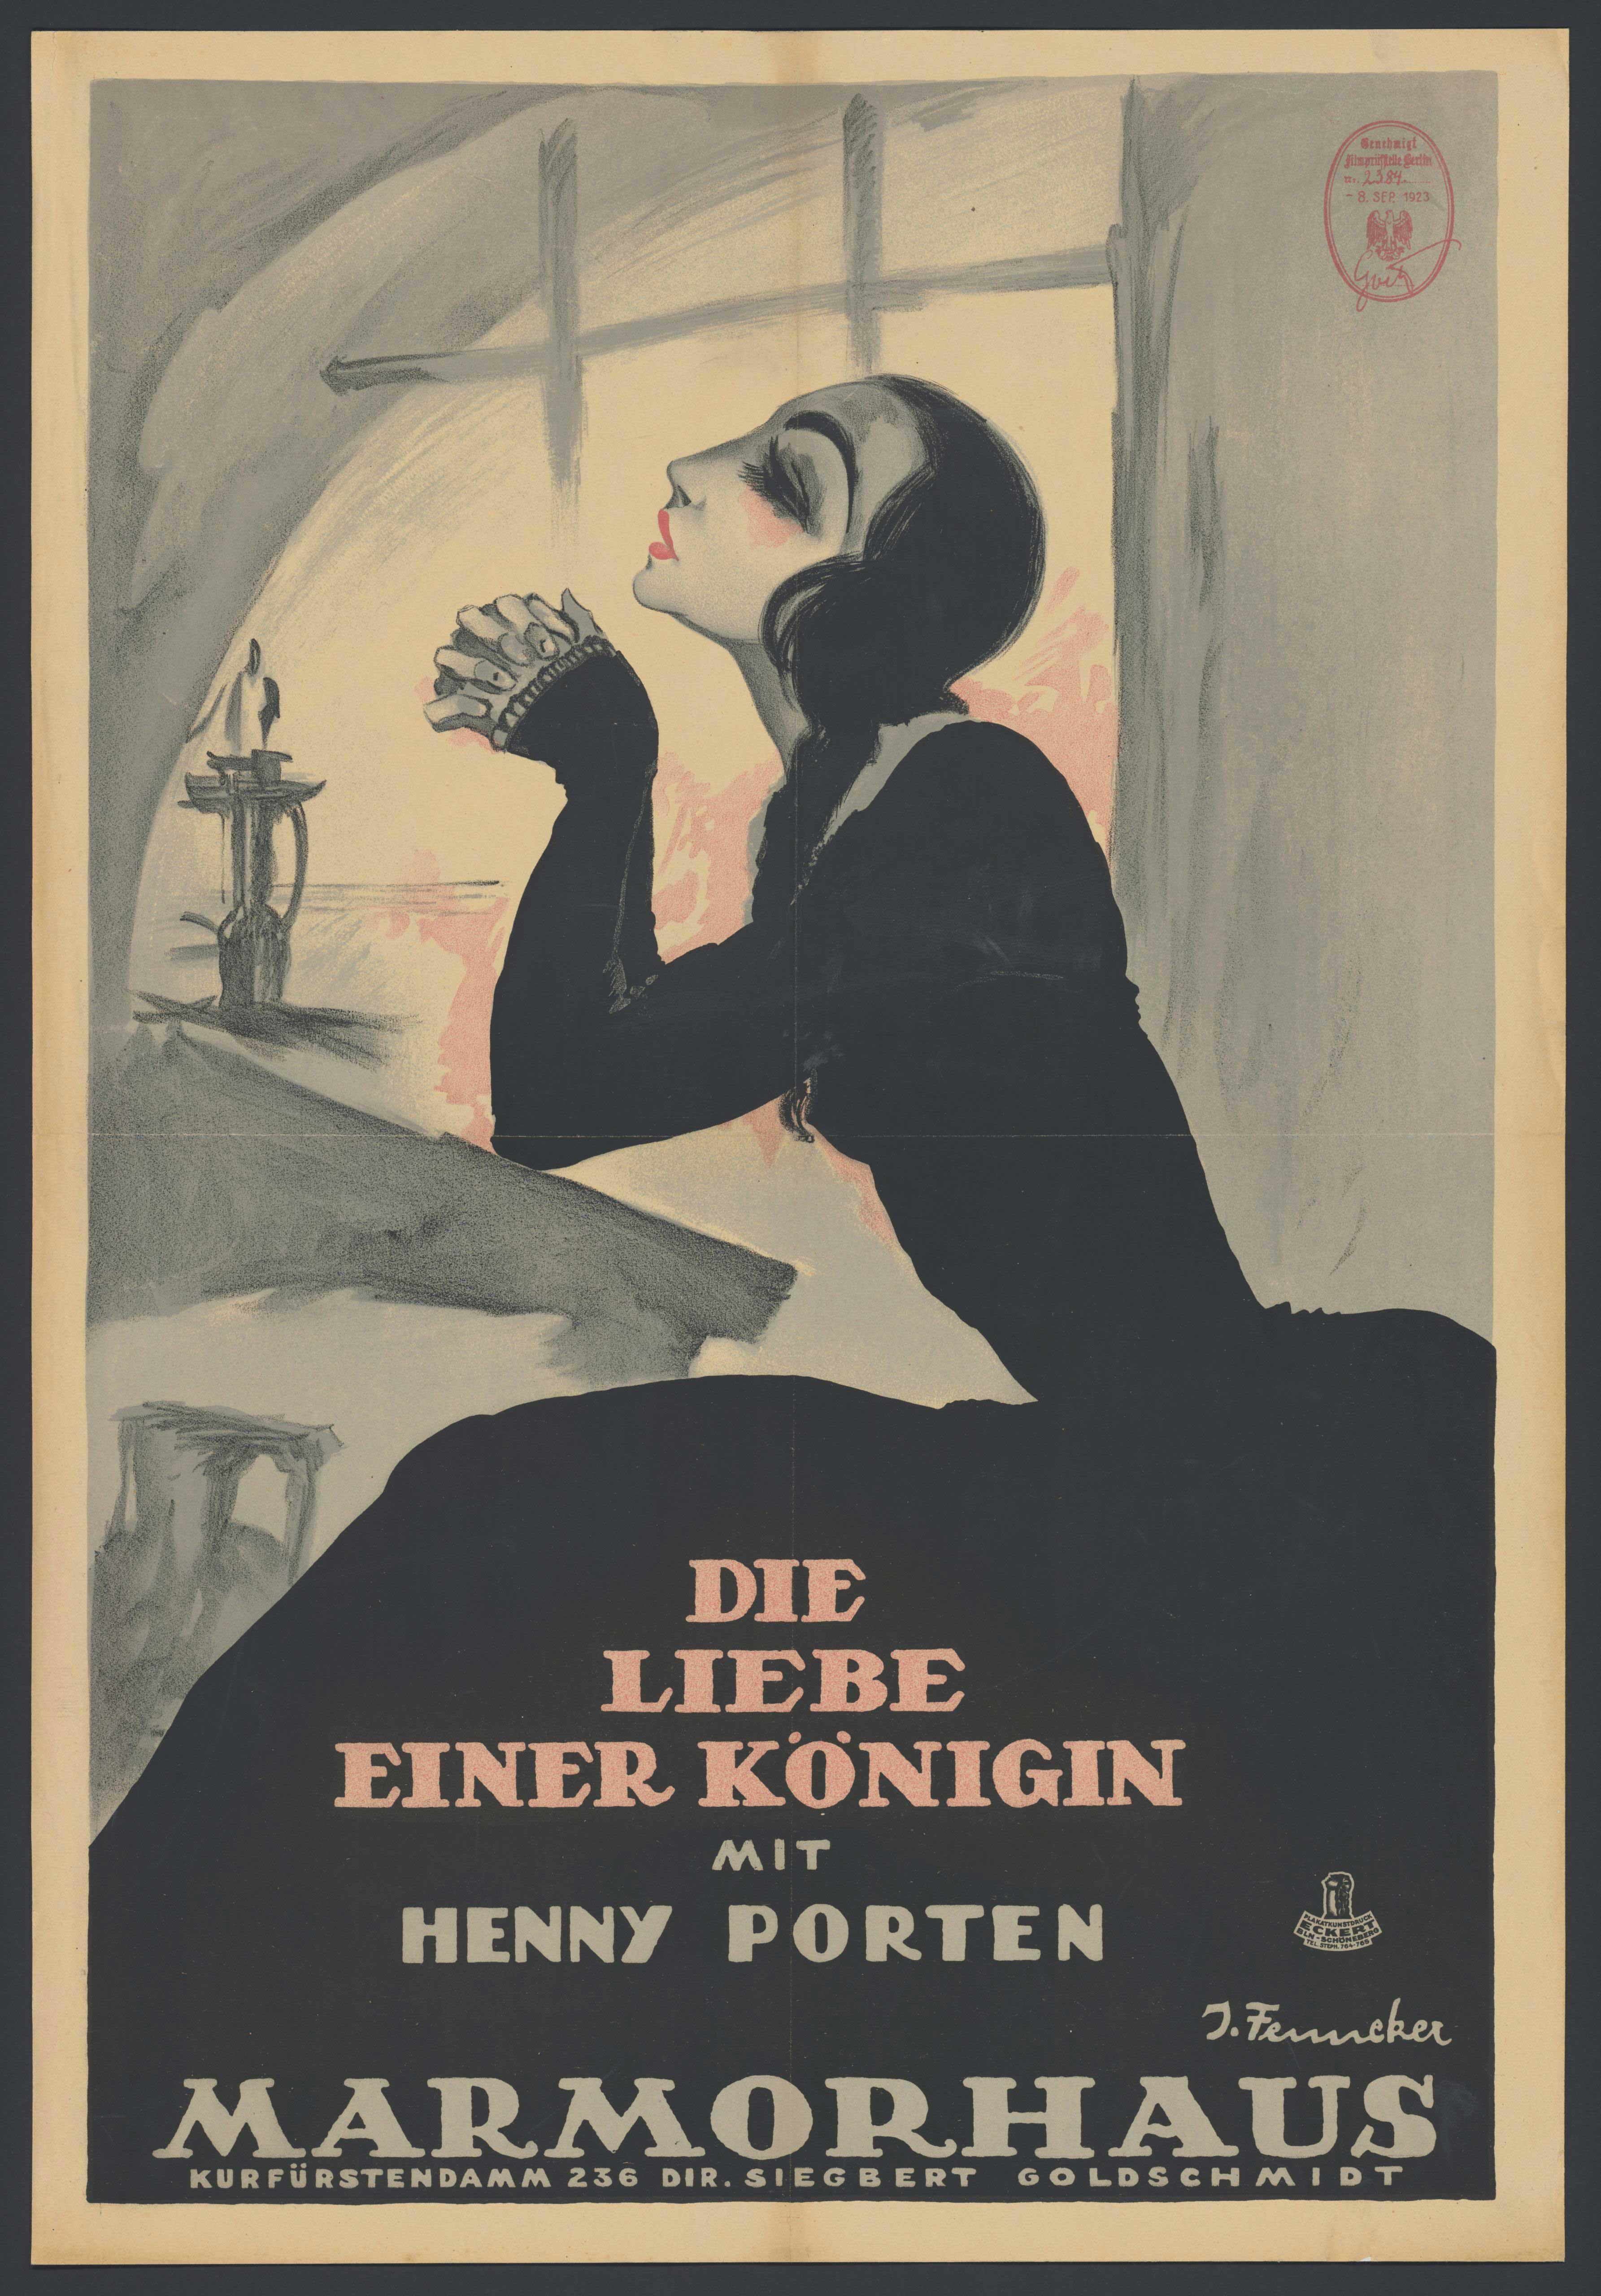 Plakat zu dem Film Die Liebe einer Königin, Deutschland 1923, Regie: Ludwig Wolff, von Plakatkünstler Josef Fenneker